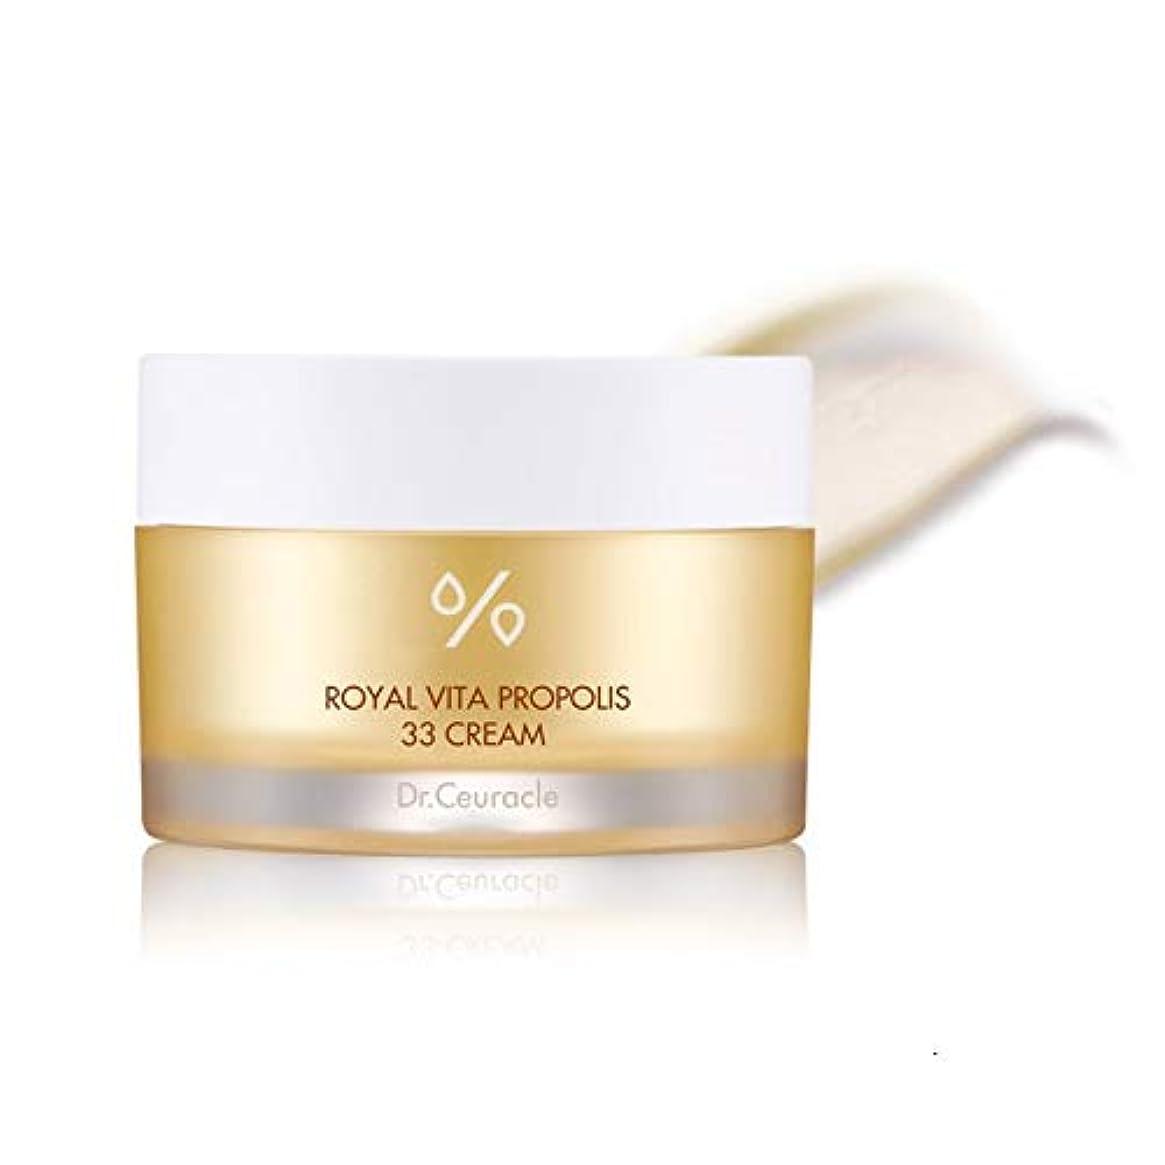 石灰岩知性所有権Dr.Ceuracle[ドクター·シュラクル] ローヤル ビタ プロポリス 33 クリーム/Royal Vita Propolis 33 Cream (50g) [並行輸入品]